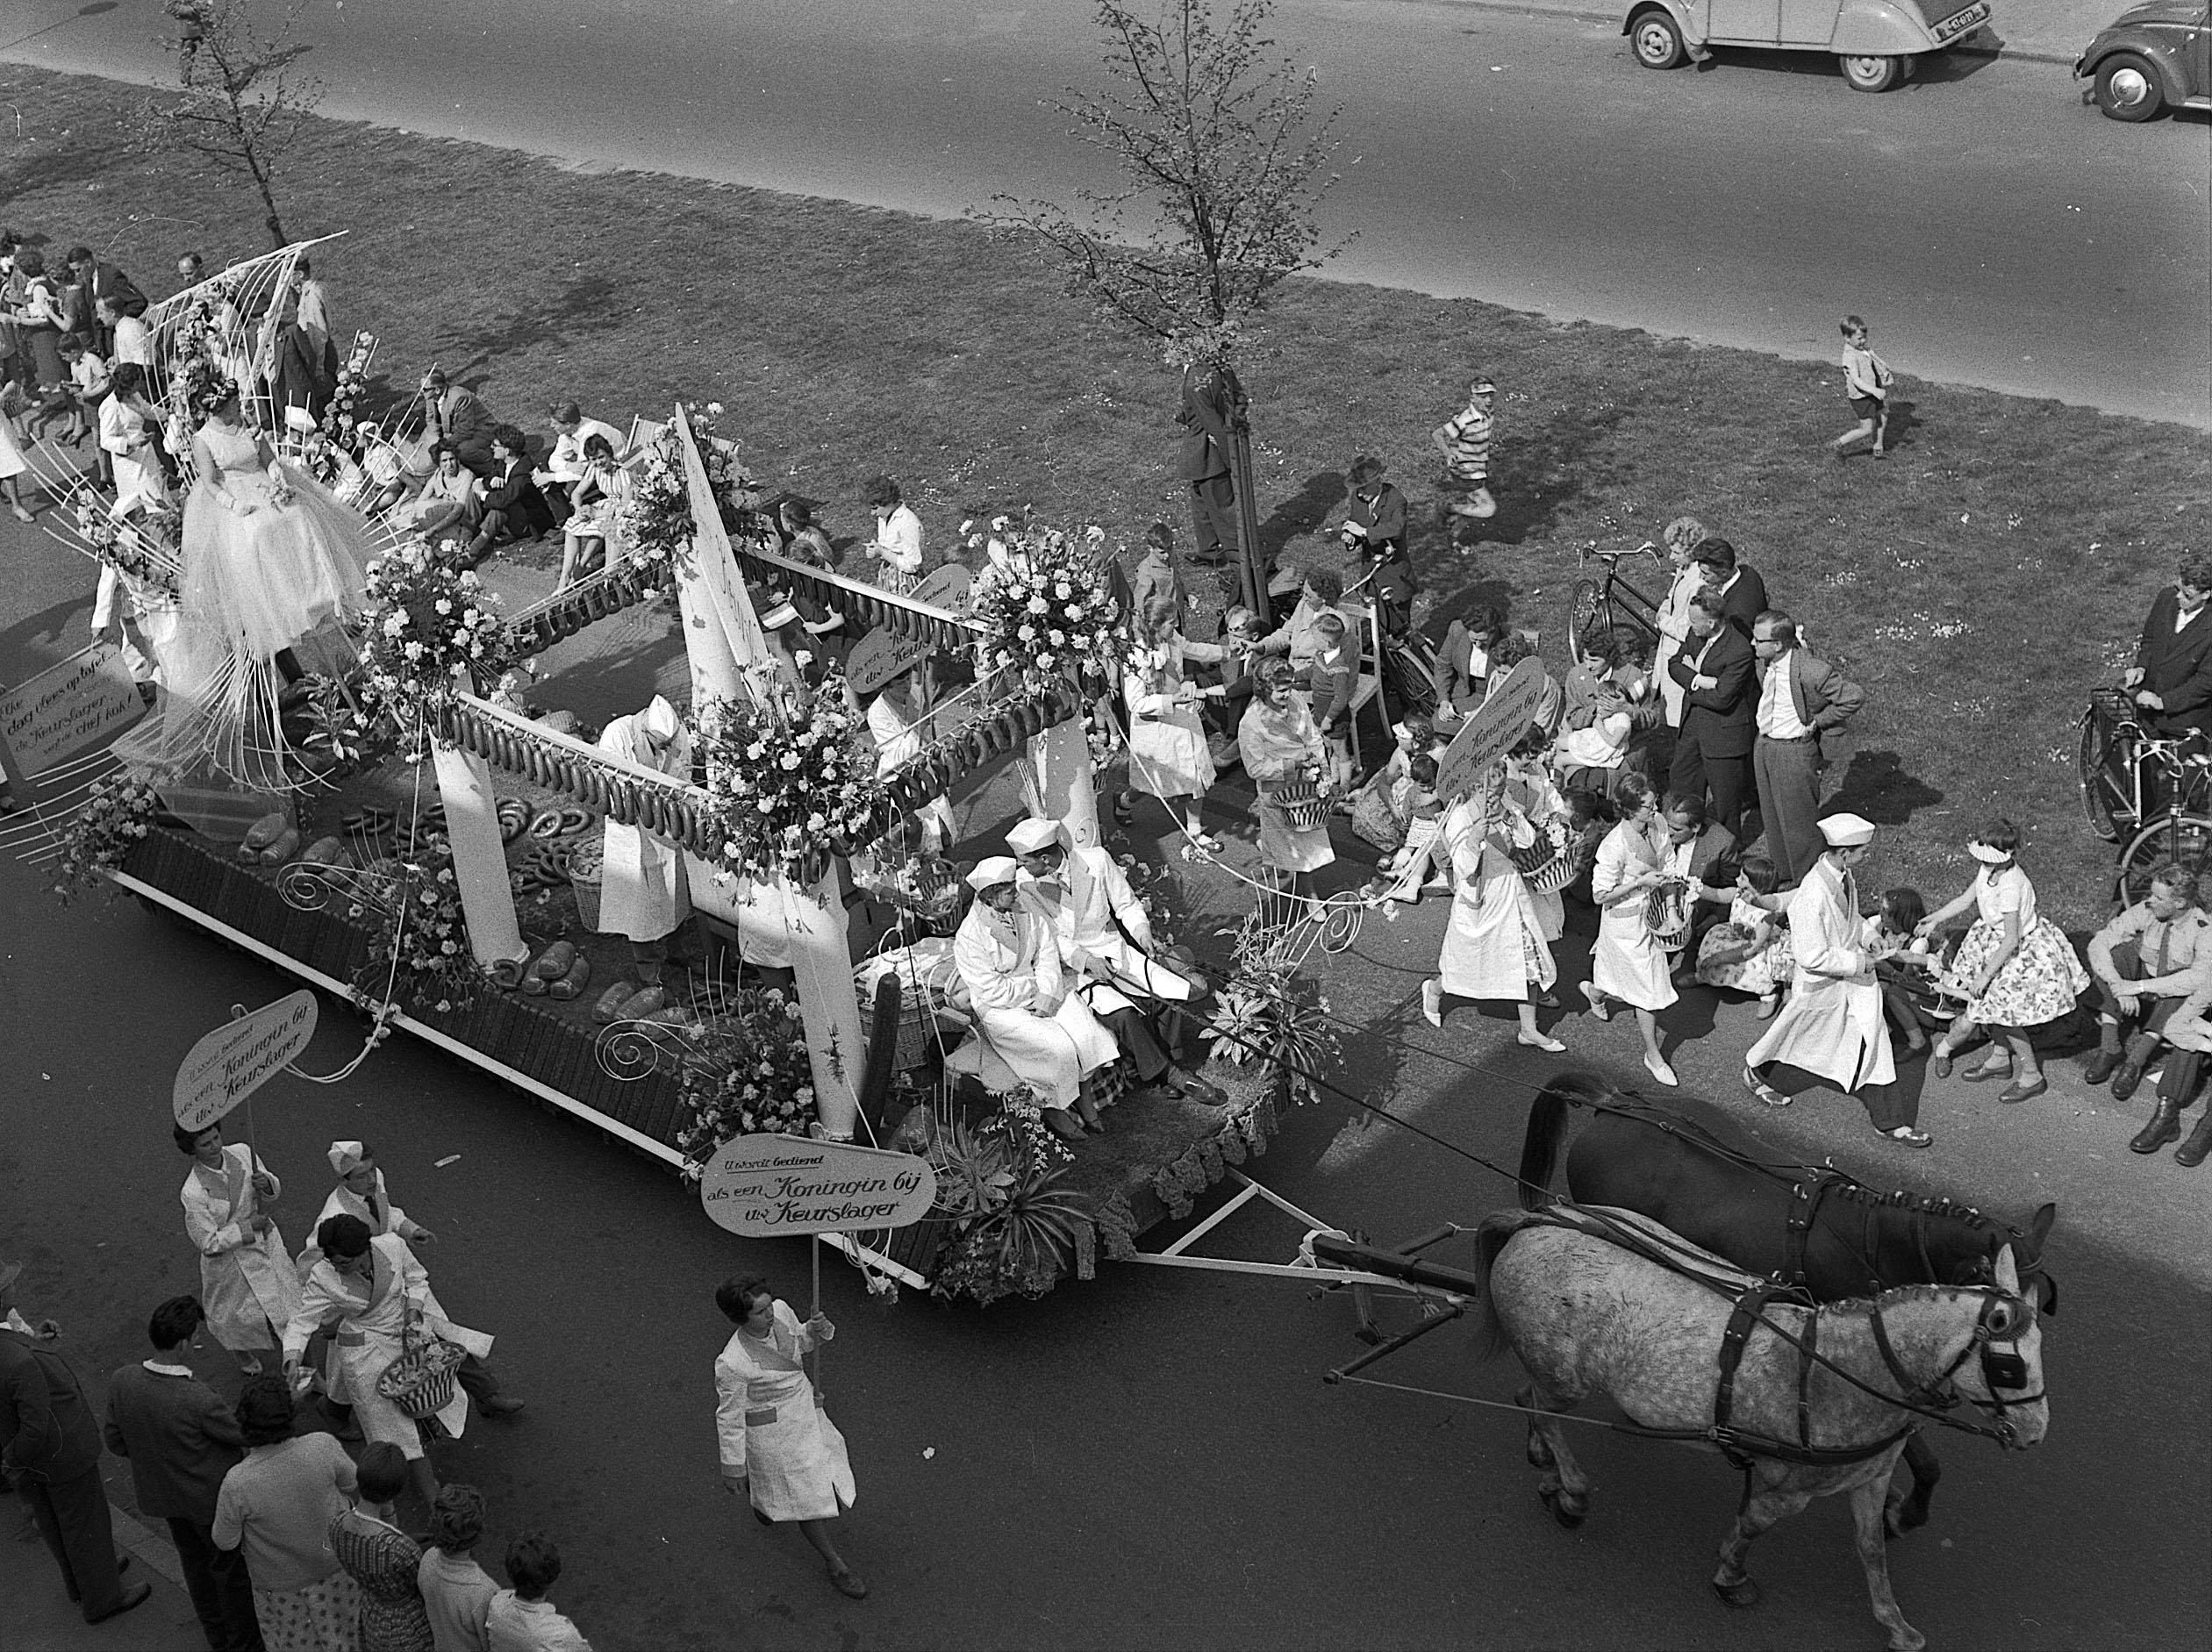 liberation day (netherlands) - wikipedia